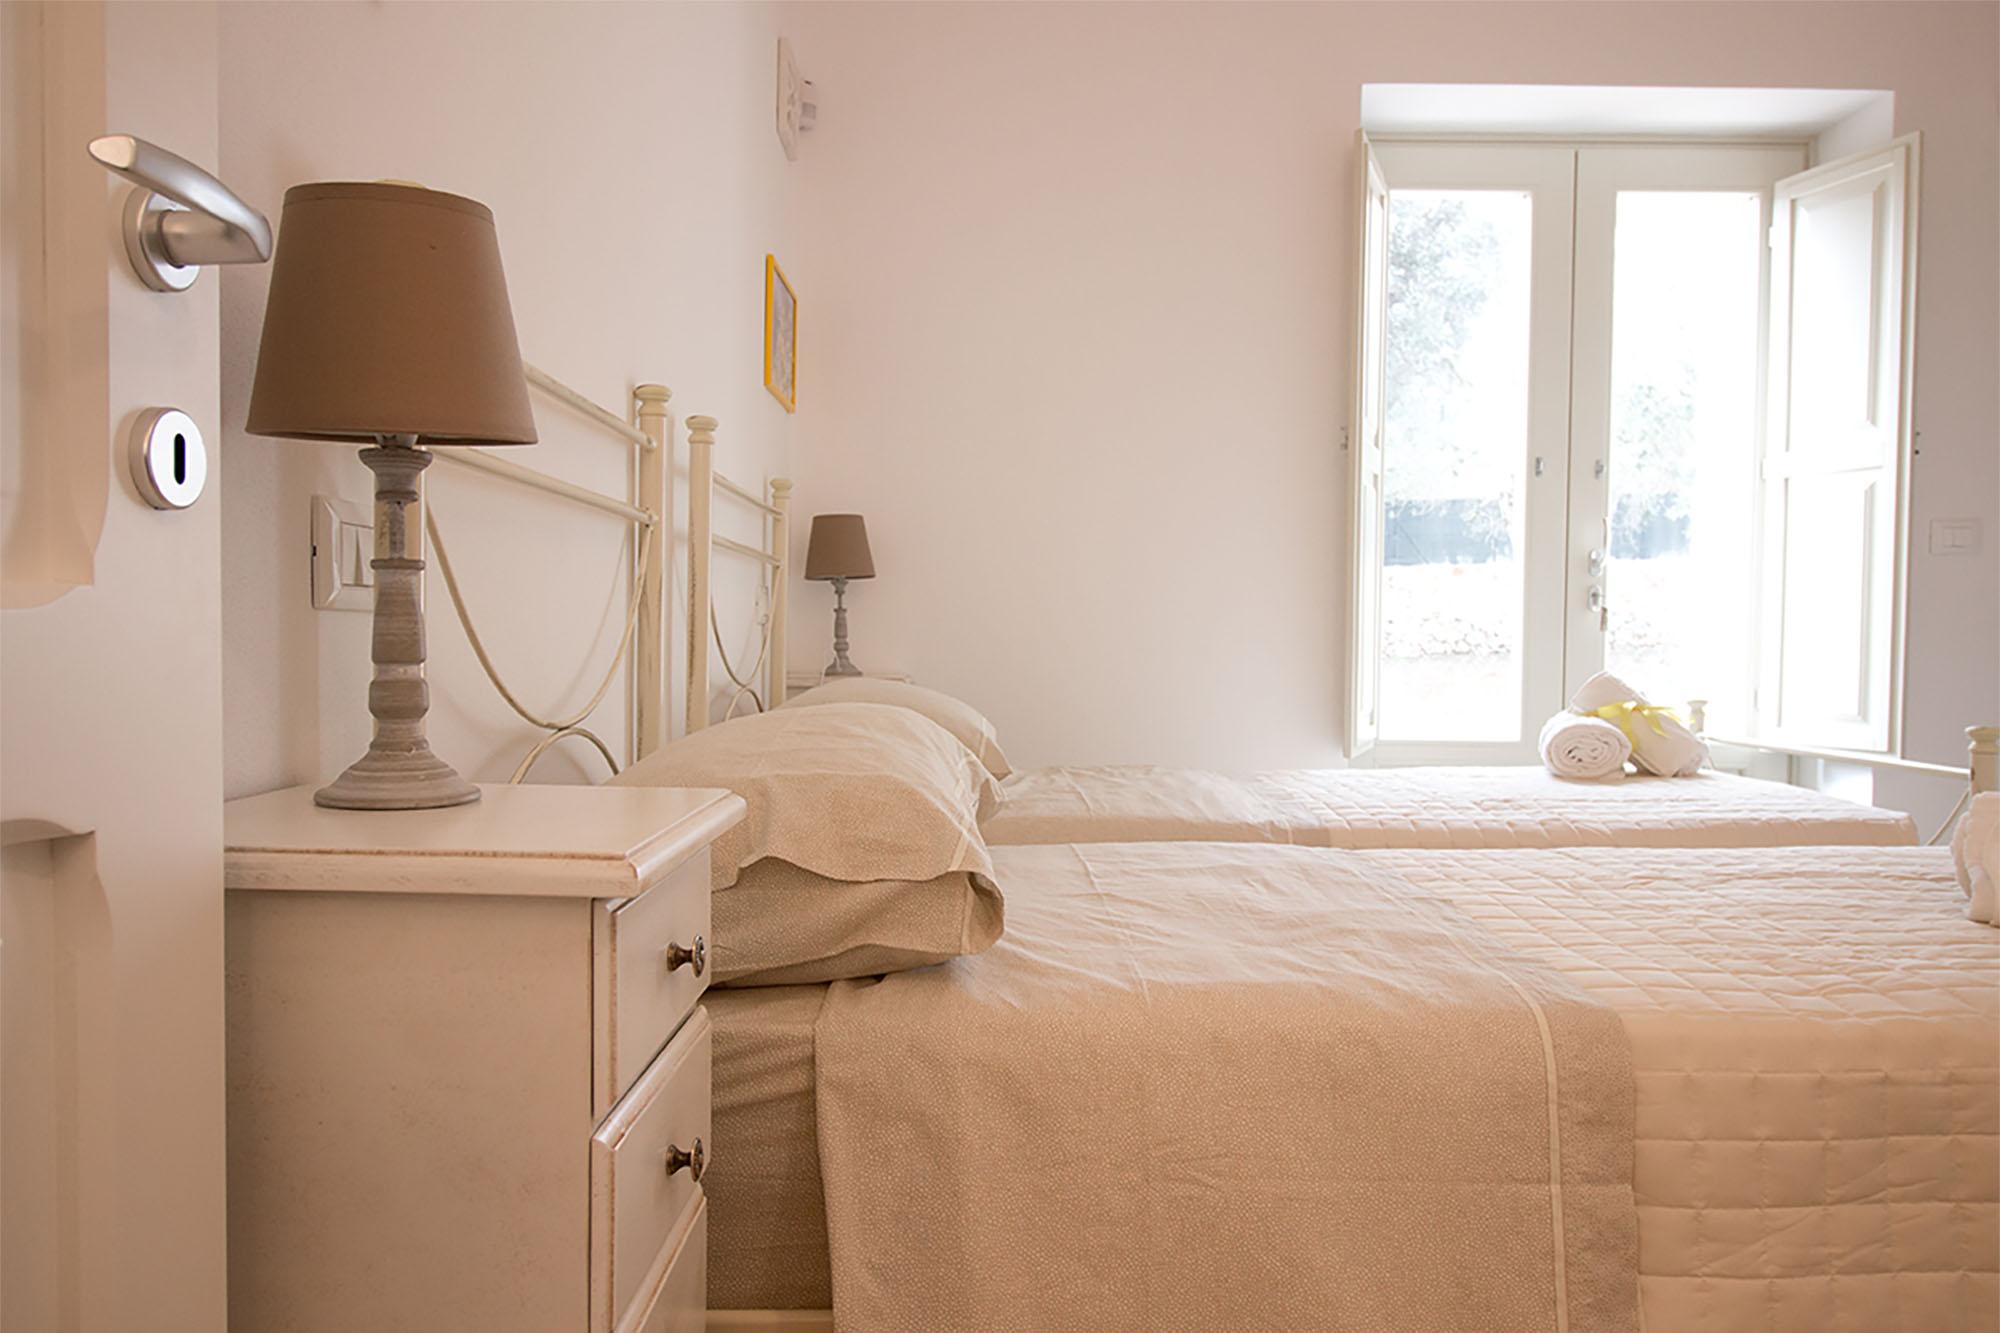 Camera da letto Casa Maria Grazia